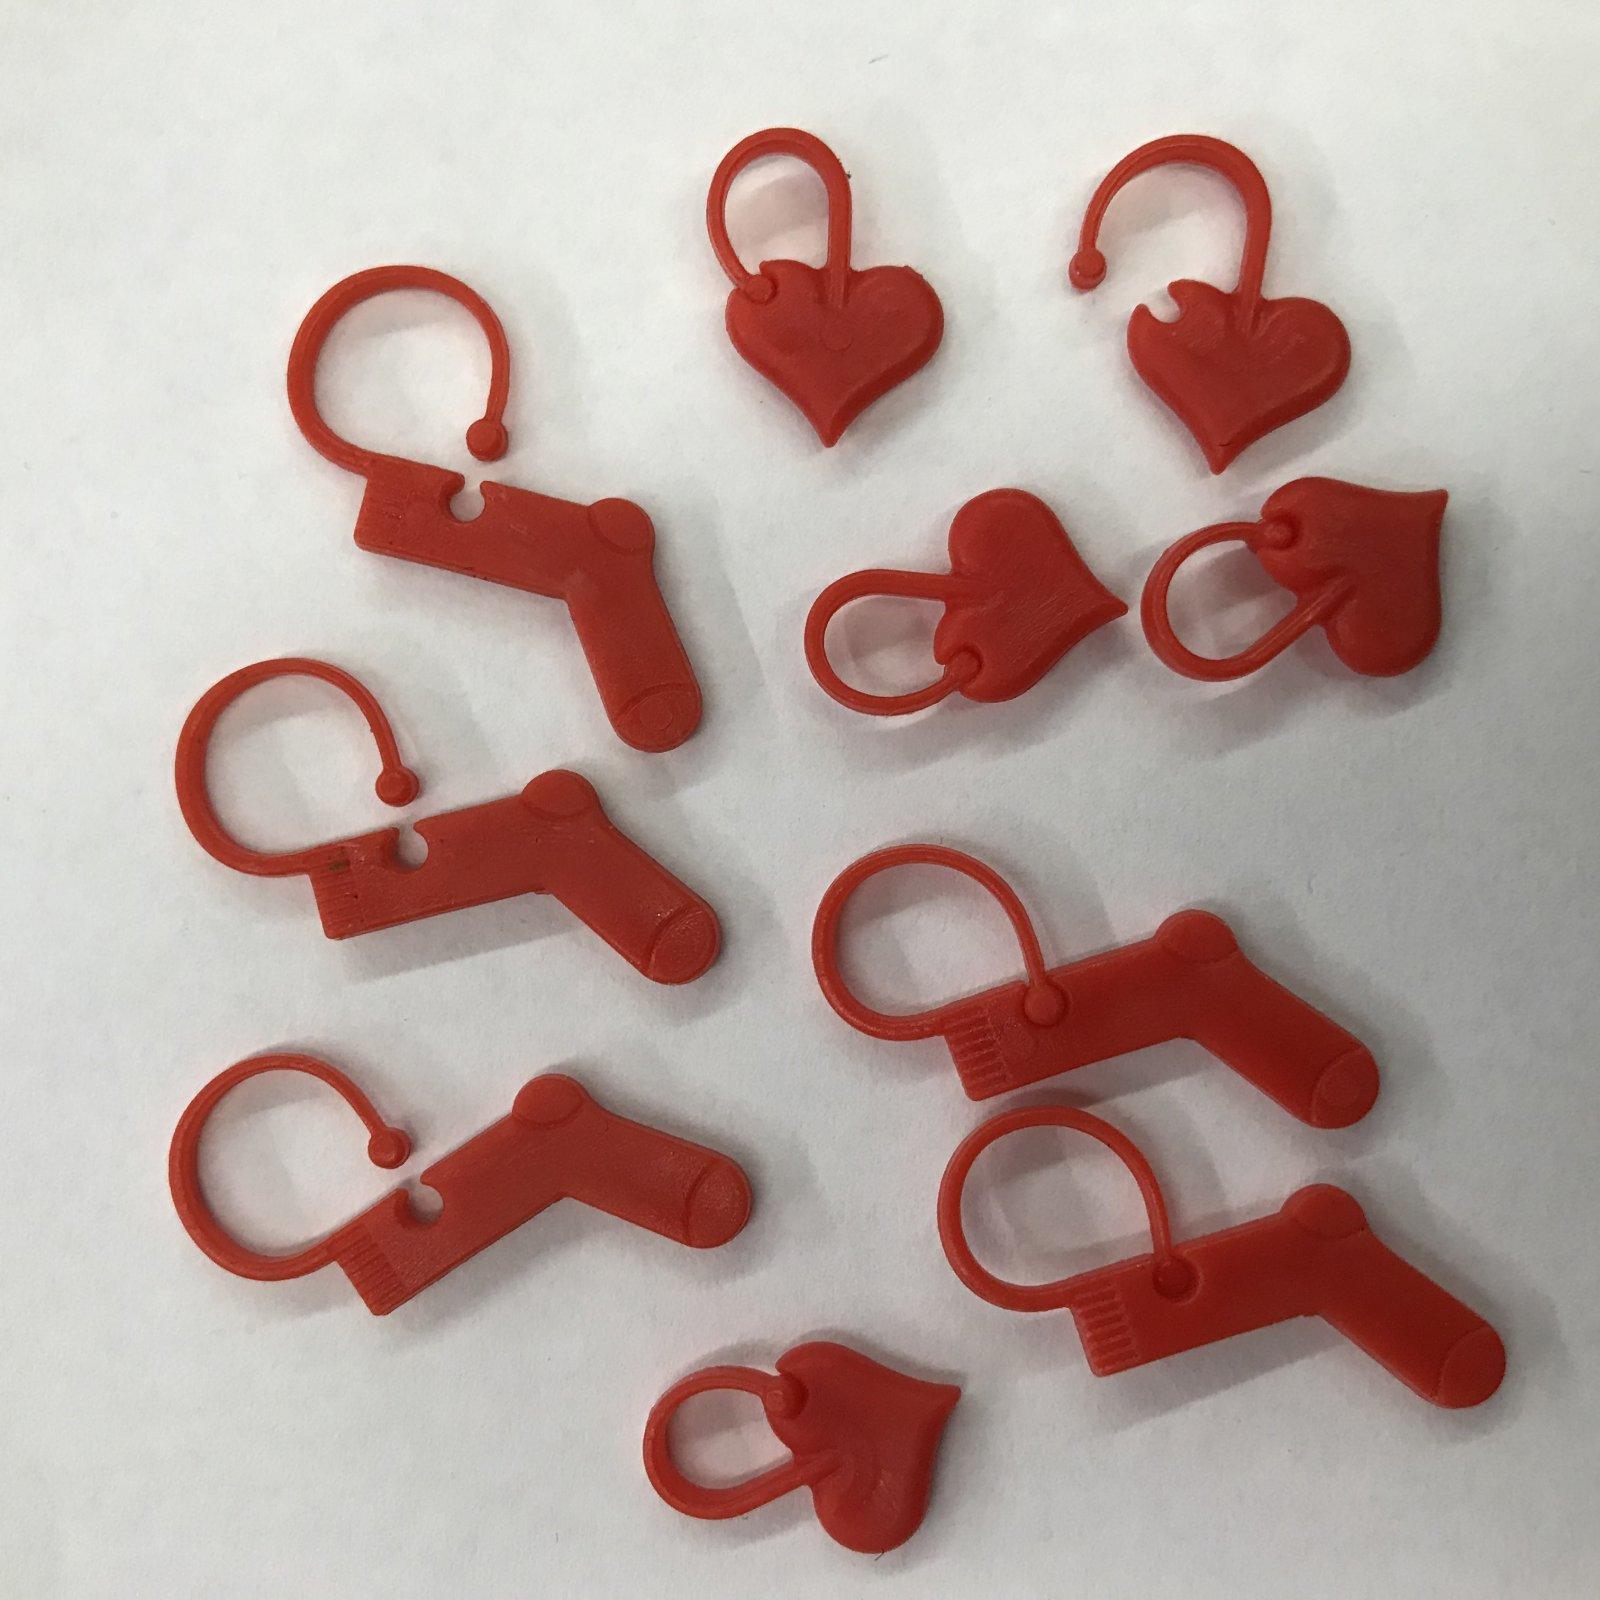 Minnie & Purl Locking Stitch Markers - Mixed 10 ct